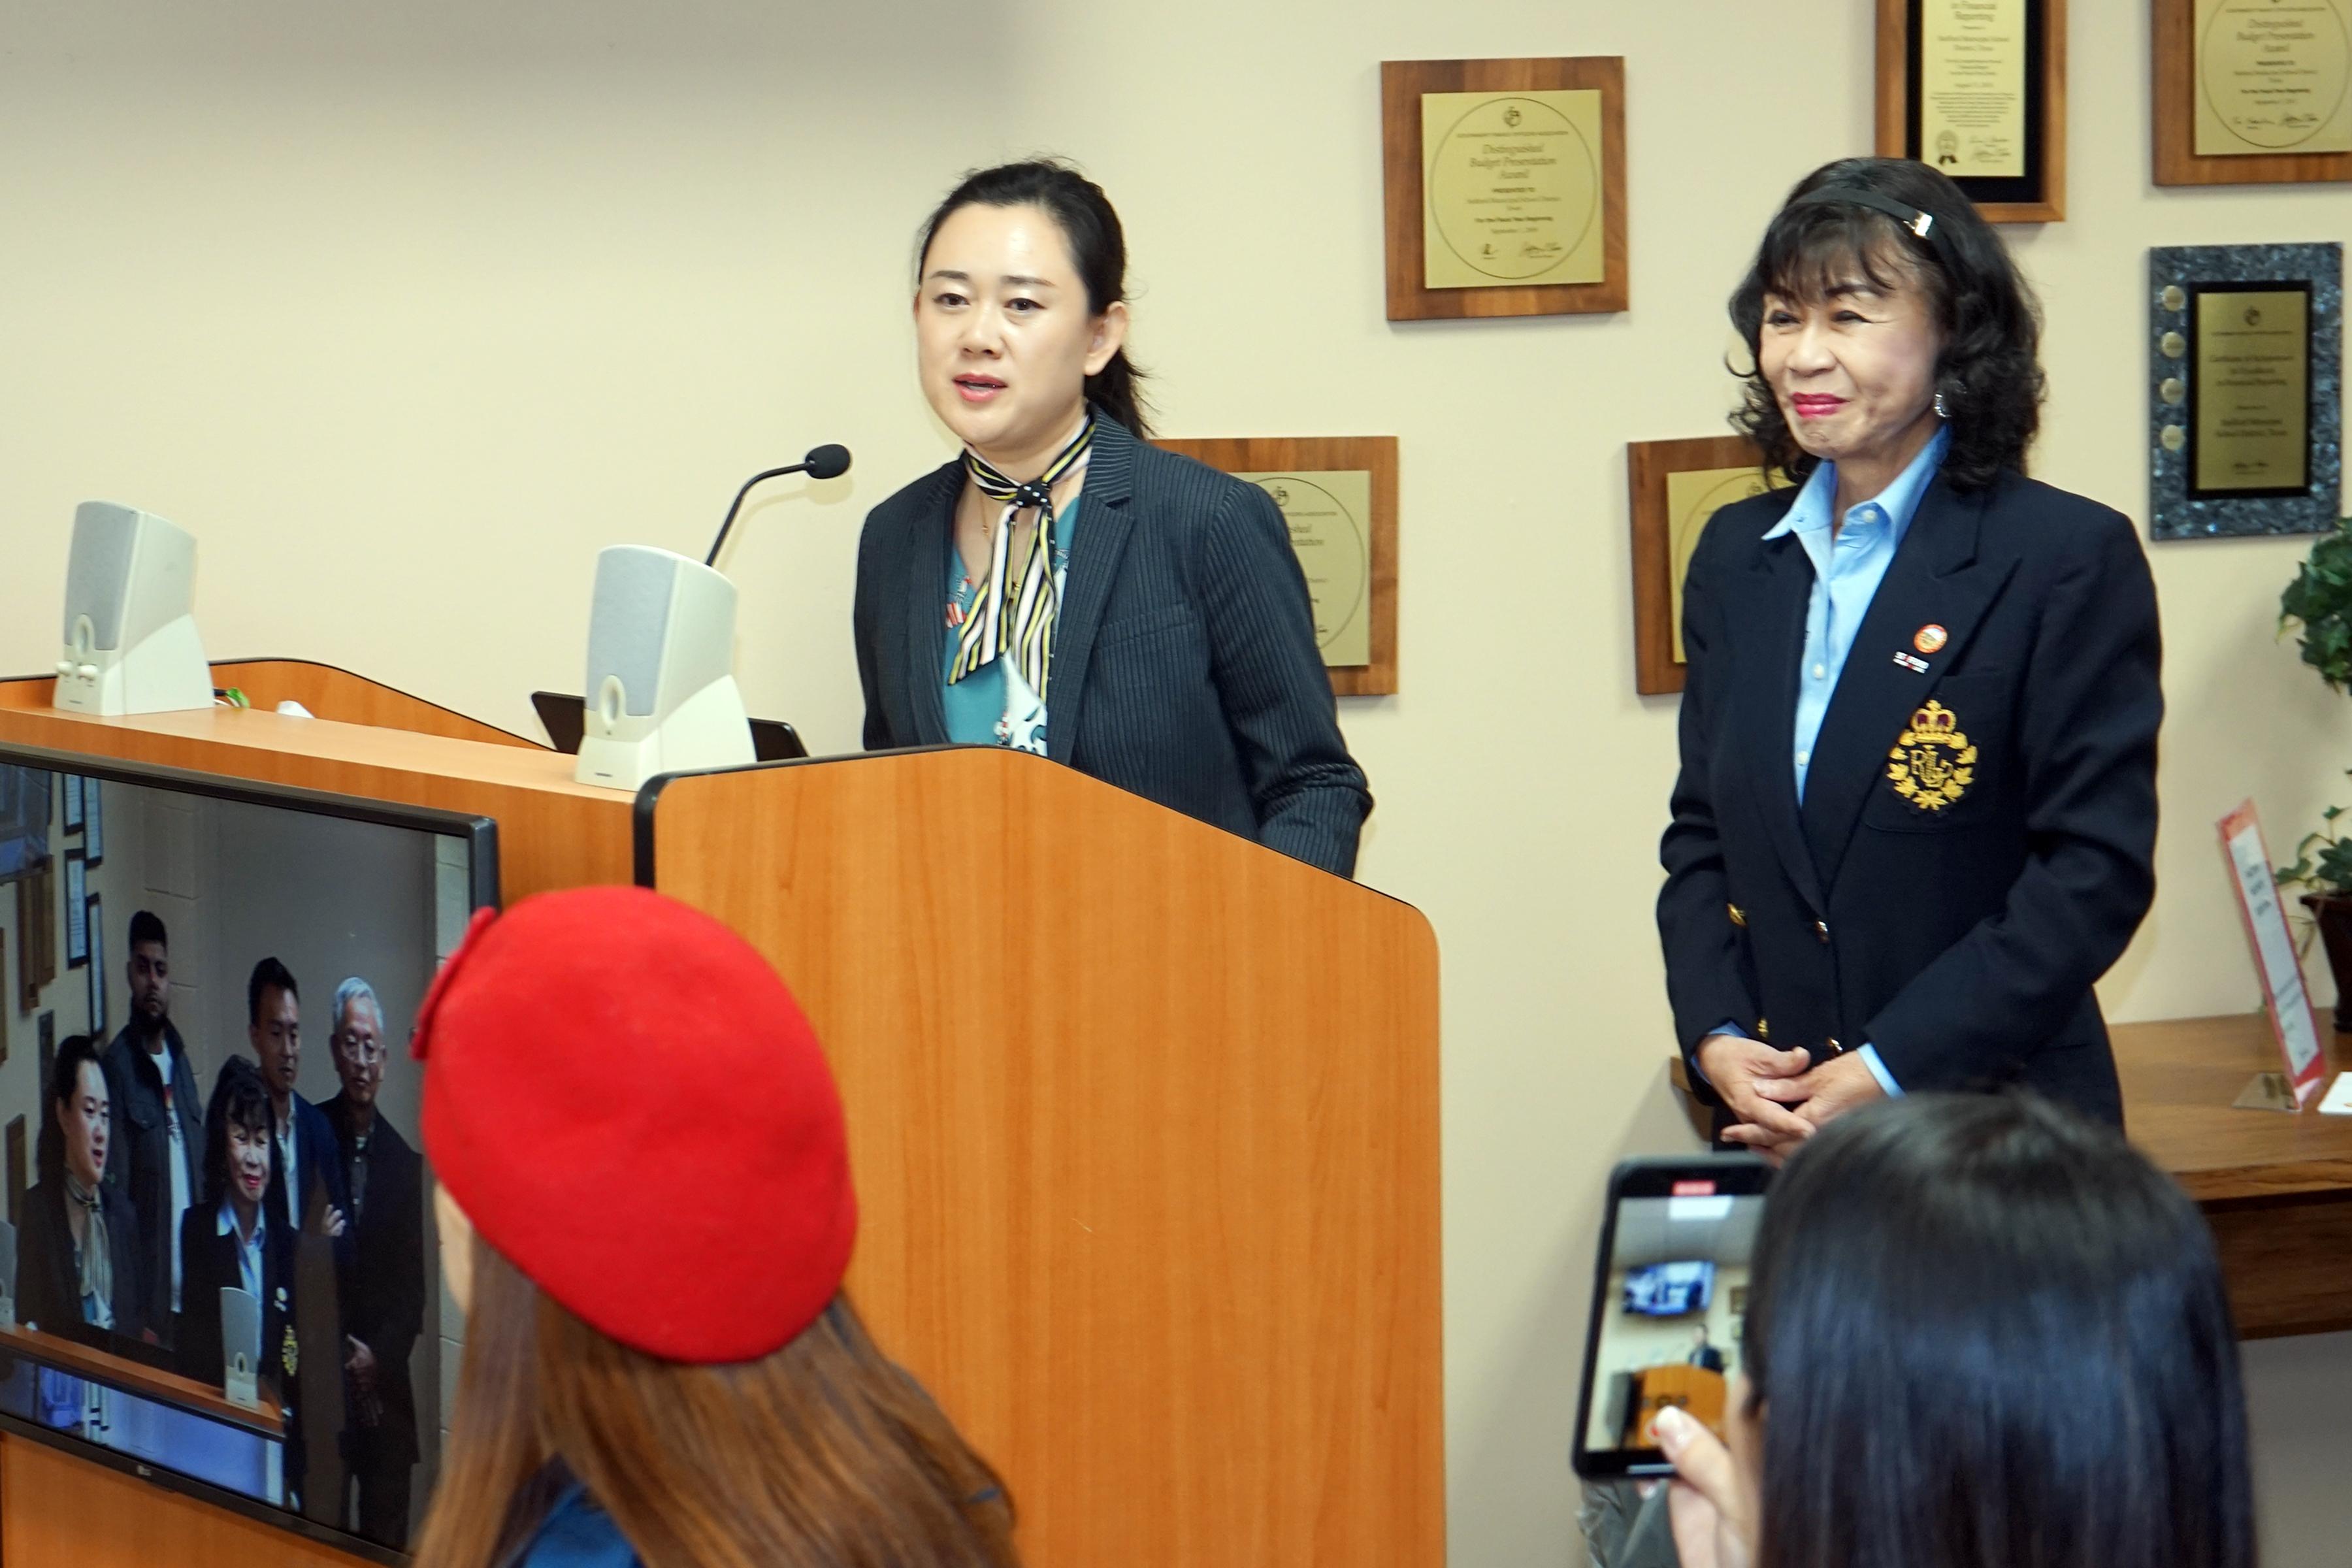 希望之源基金會主席杜少博(左一)致詞。(記者賈忠/攝影)